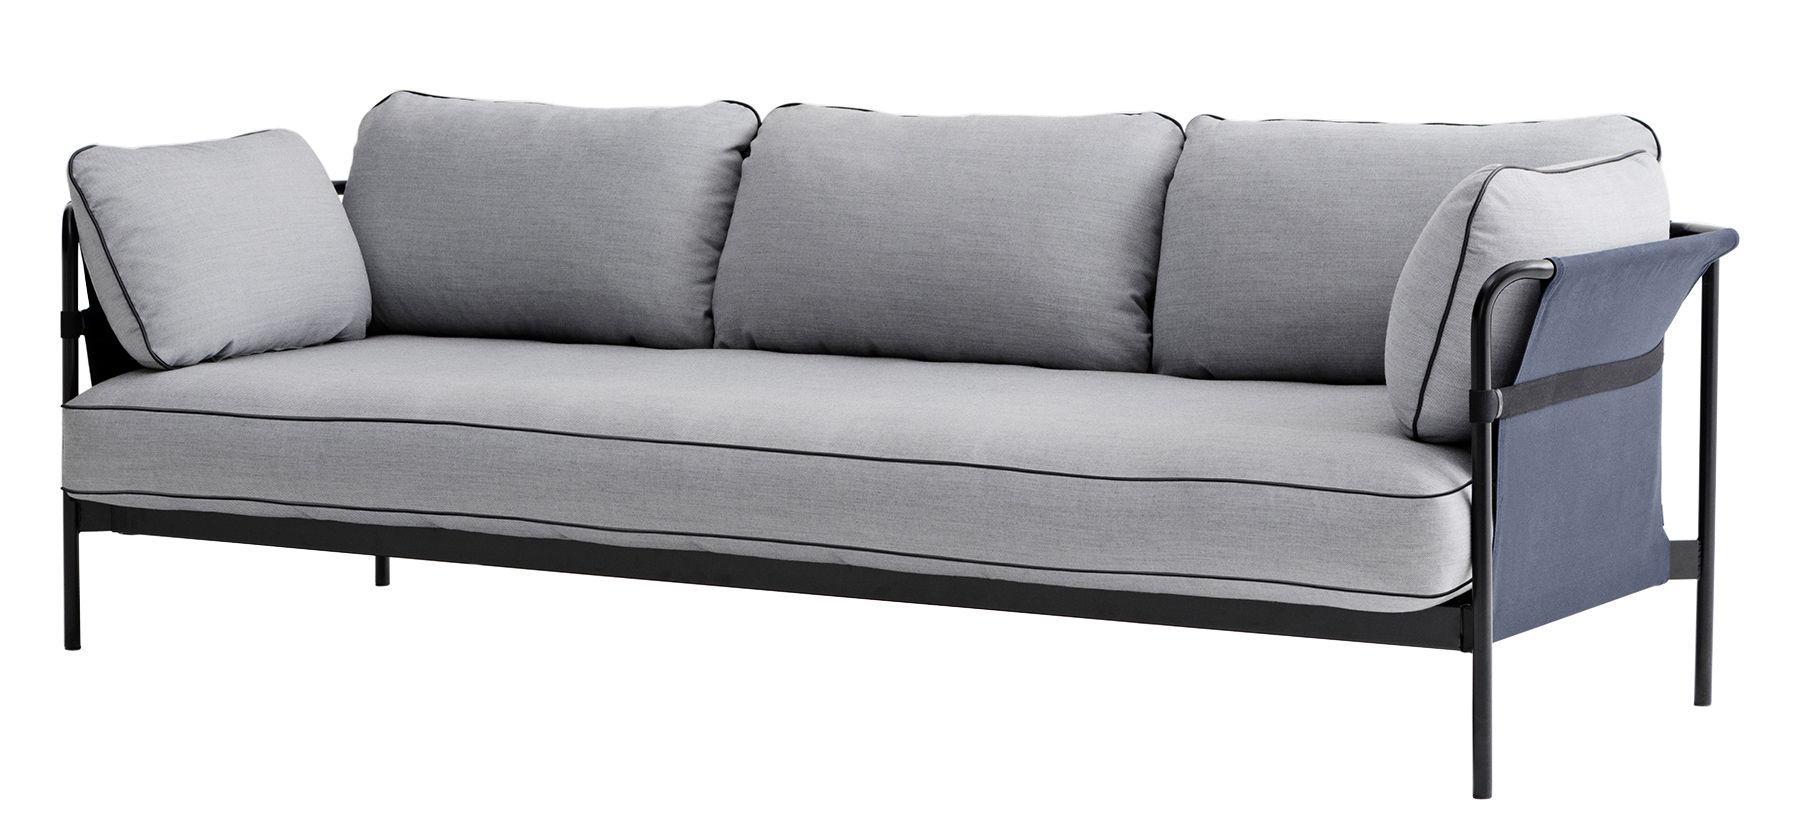 canap droit can 3 places structure noire gris clair. Black Bedroom Furniture Sets. Home Design Ideas